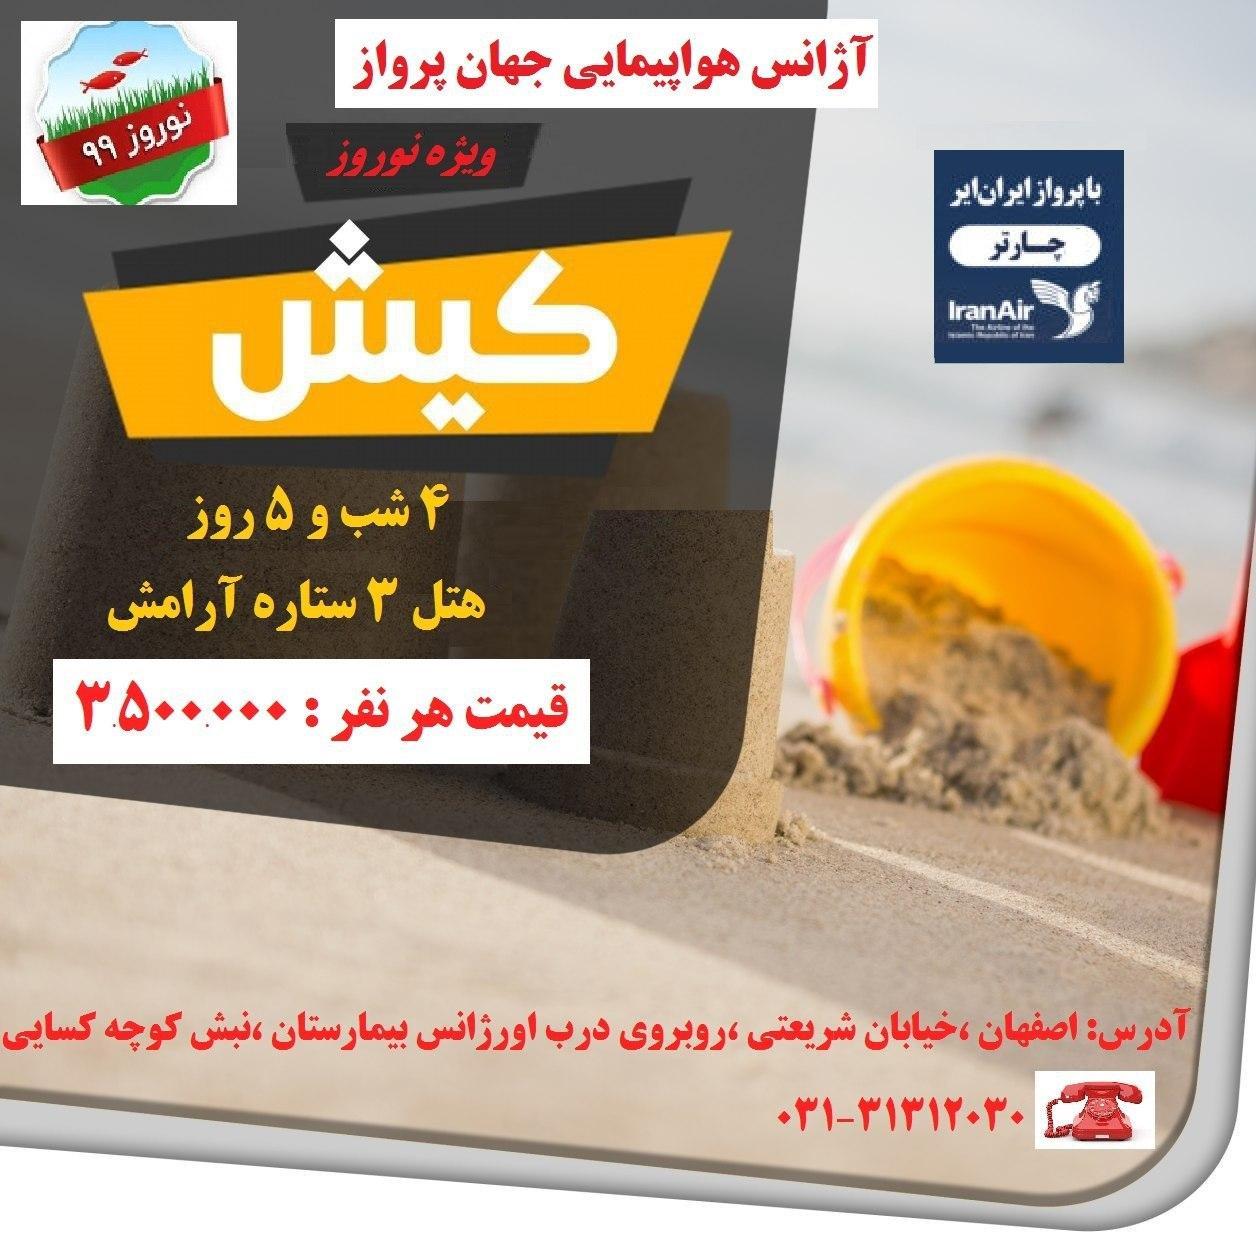 تور کیش ویژه نوروز1399 از اصفهان با ایران ایر-هما